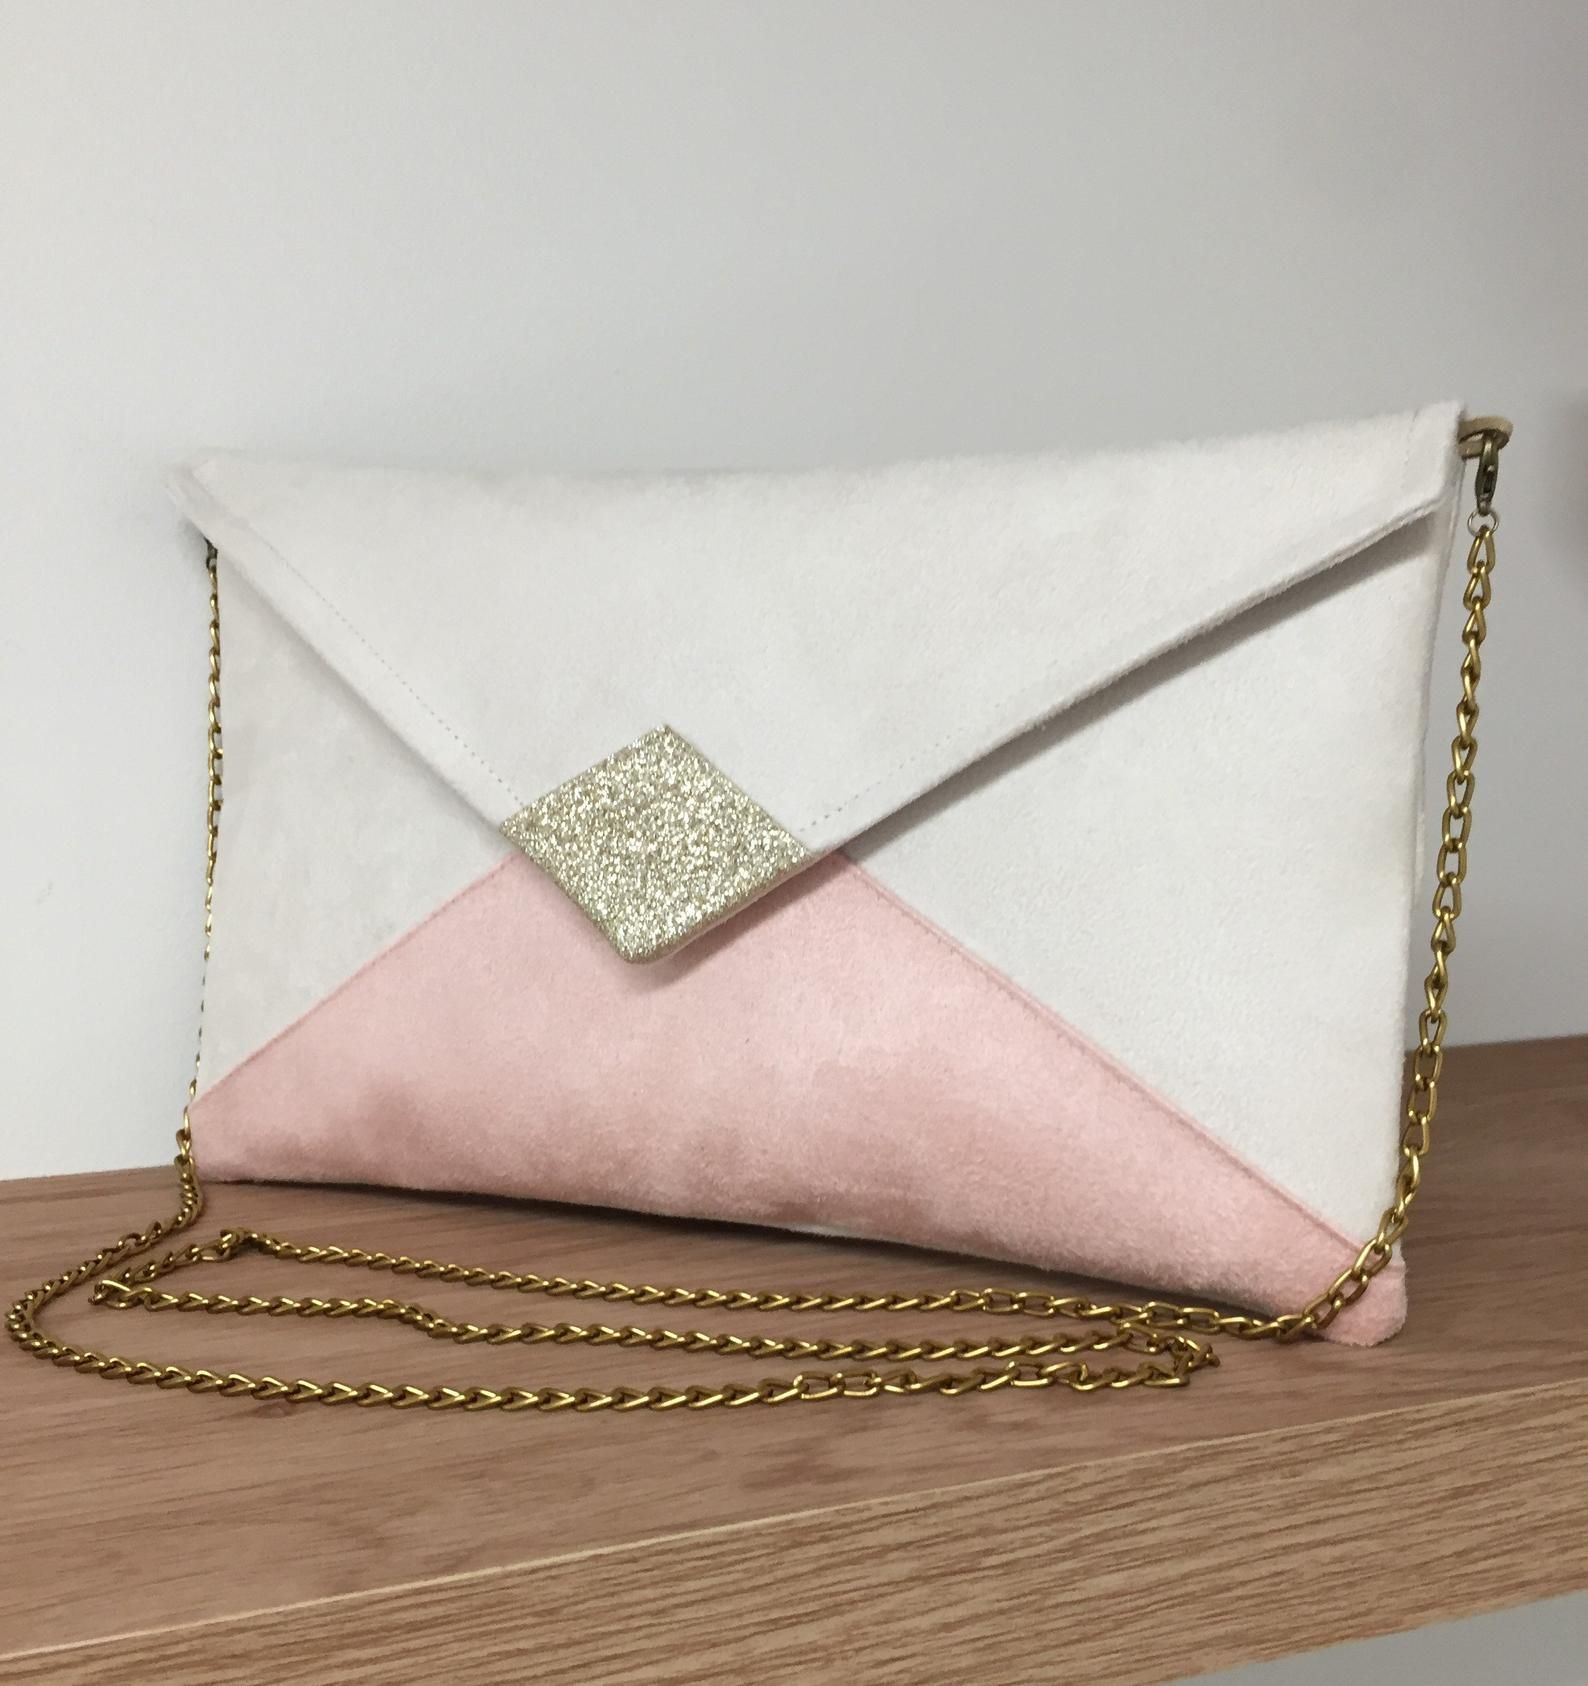 Pochette Mariage Ecru Et Rose Poudre A Paillettes Dorees Pochette Soiree Personnalisable En Suedine Et Paillettes Petit Sac Chainette In 2020 Diy Bag Handbag Bags